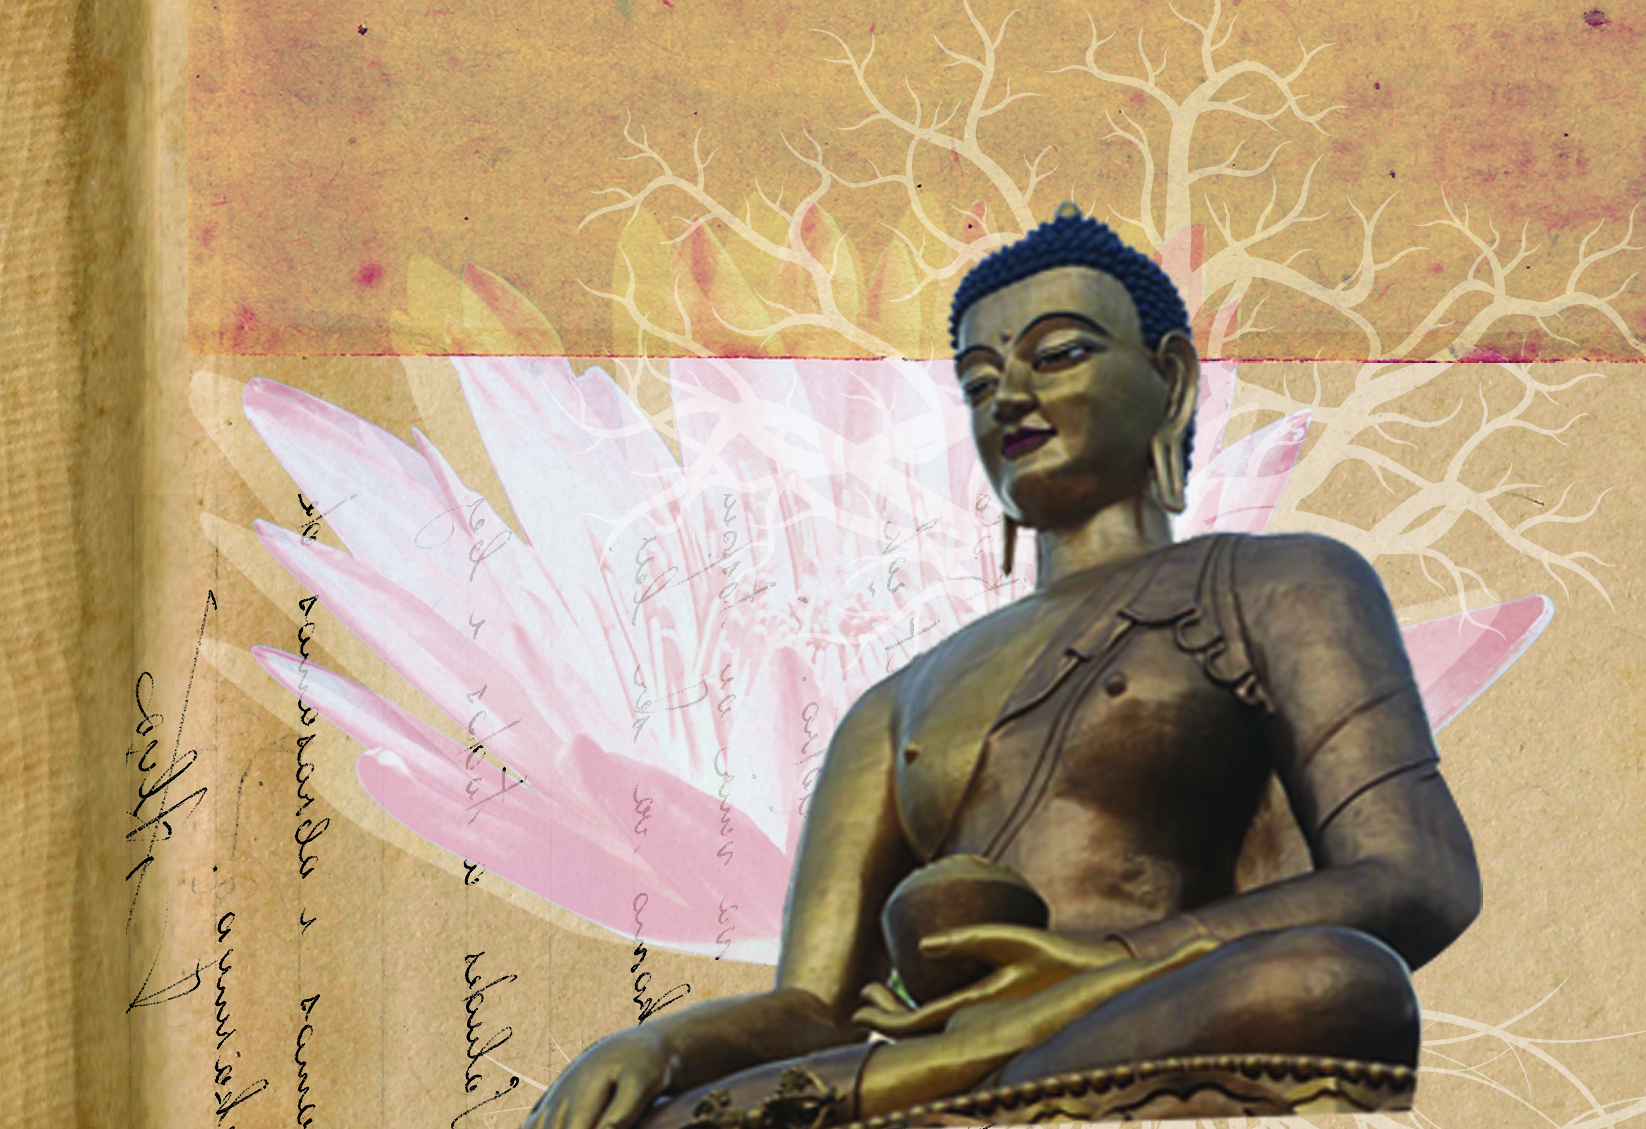 בודהיזם – האחד שאינו נפרד מהכלל